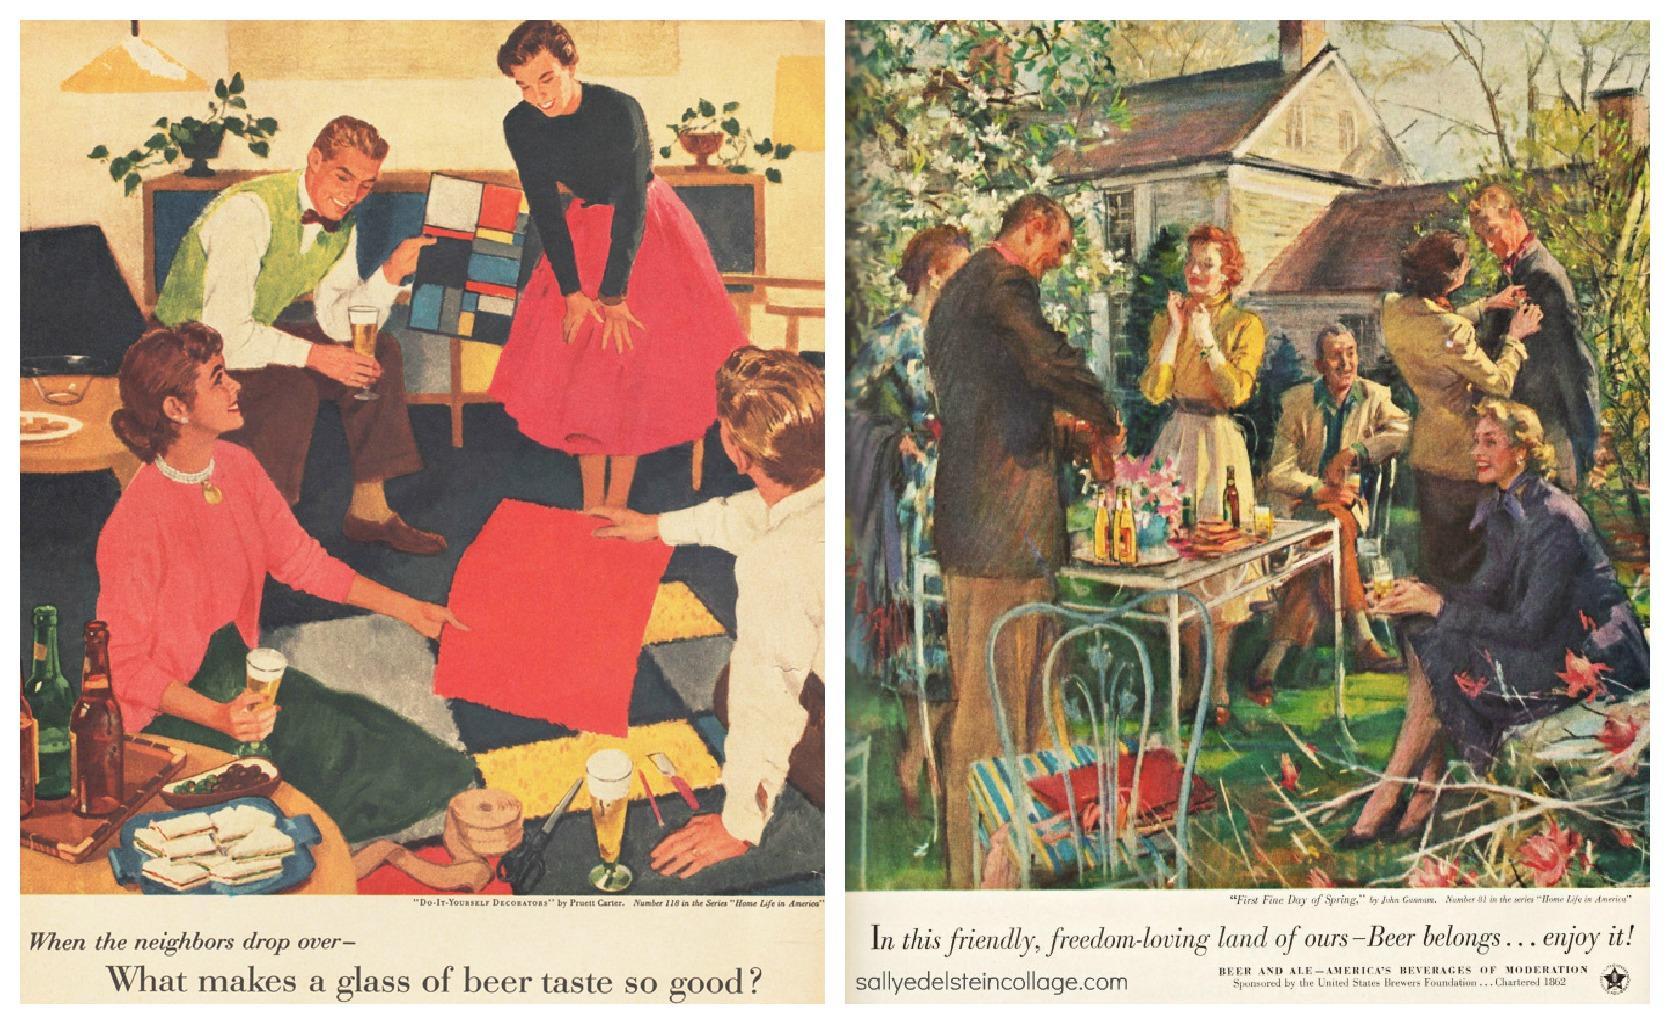 1950s的设计:厄普代克笔下的美国中产生活想象